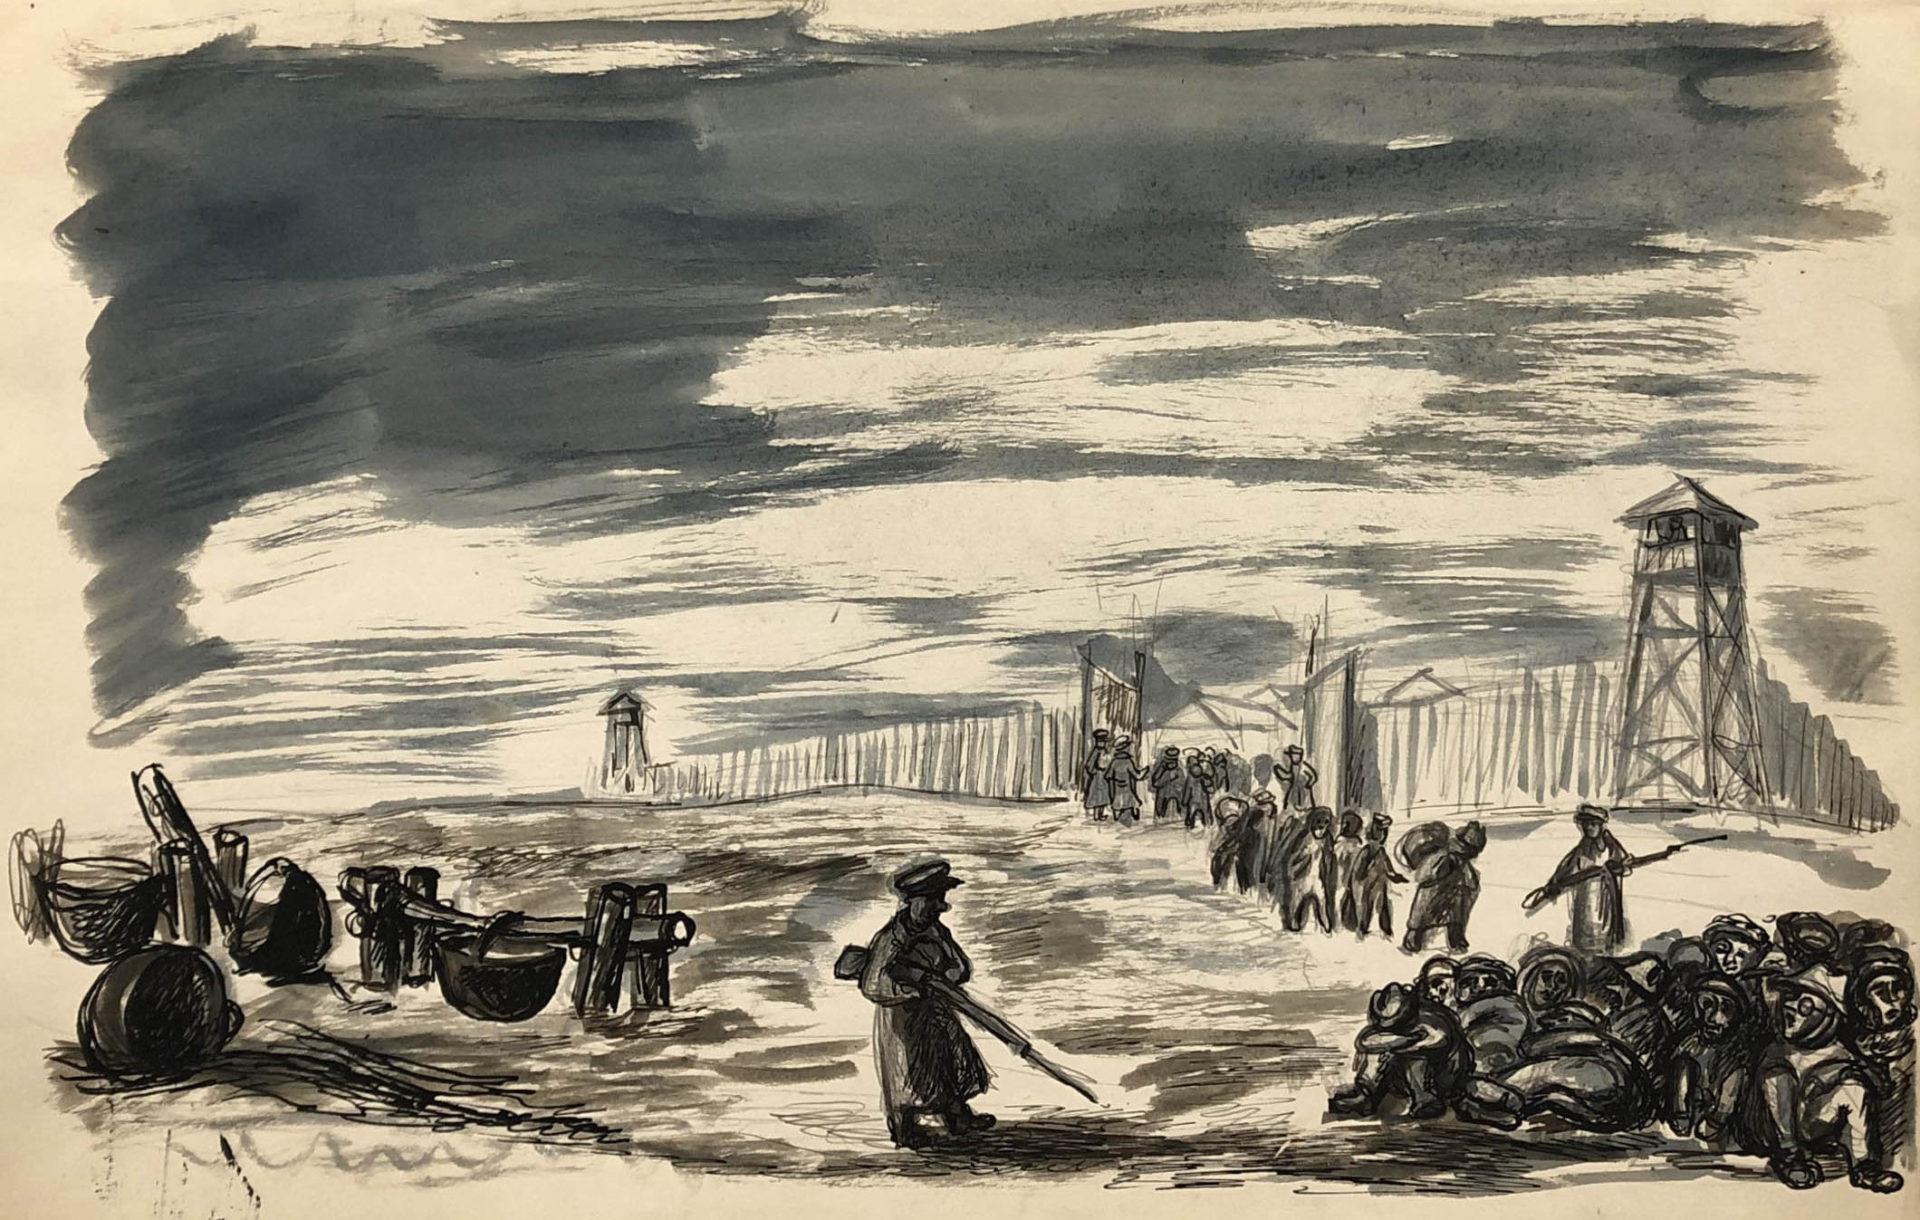 Rysunek przedstawiający więźniów wychodzących z łagru w Kożwie nad Peczorą pod eskortą strażników. Prawdopodobnie dzień wymarszu z obozu po amnestii. rys. piórkiem, Adam Kossowski, praca stworzona w Londynie w 1943 roku.